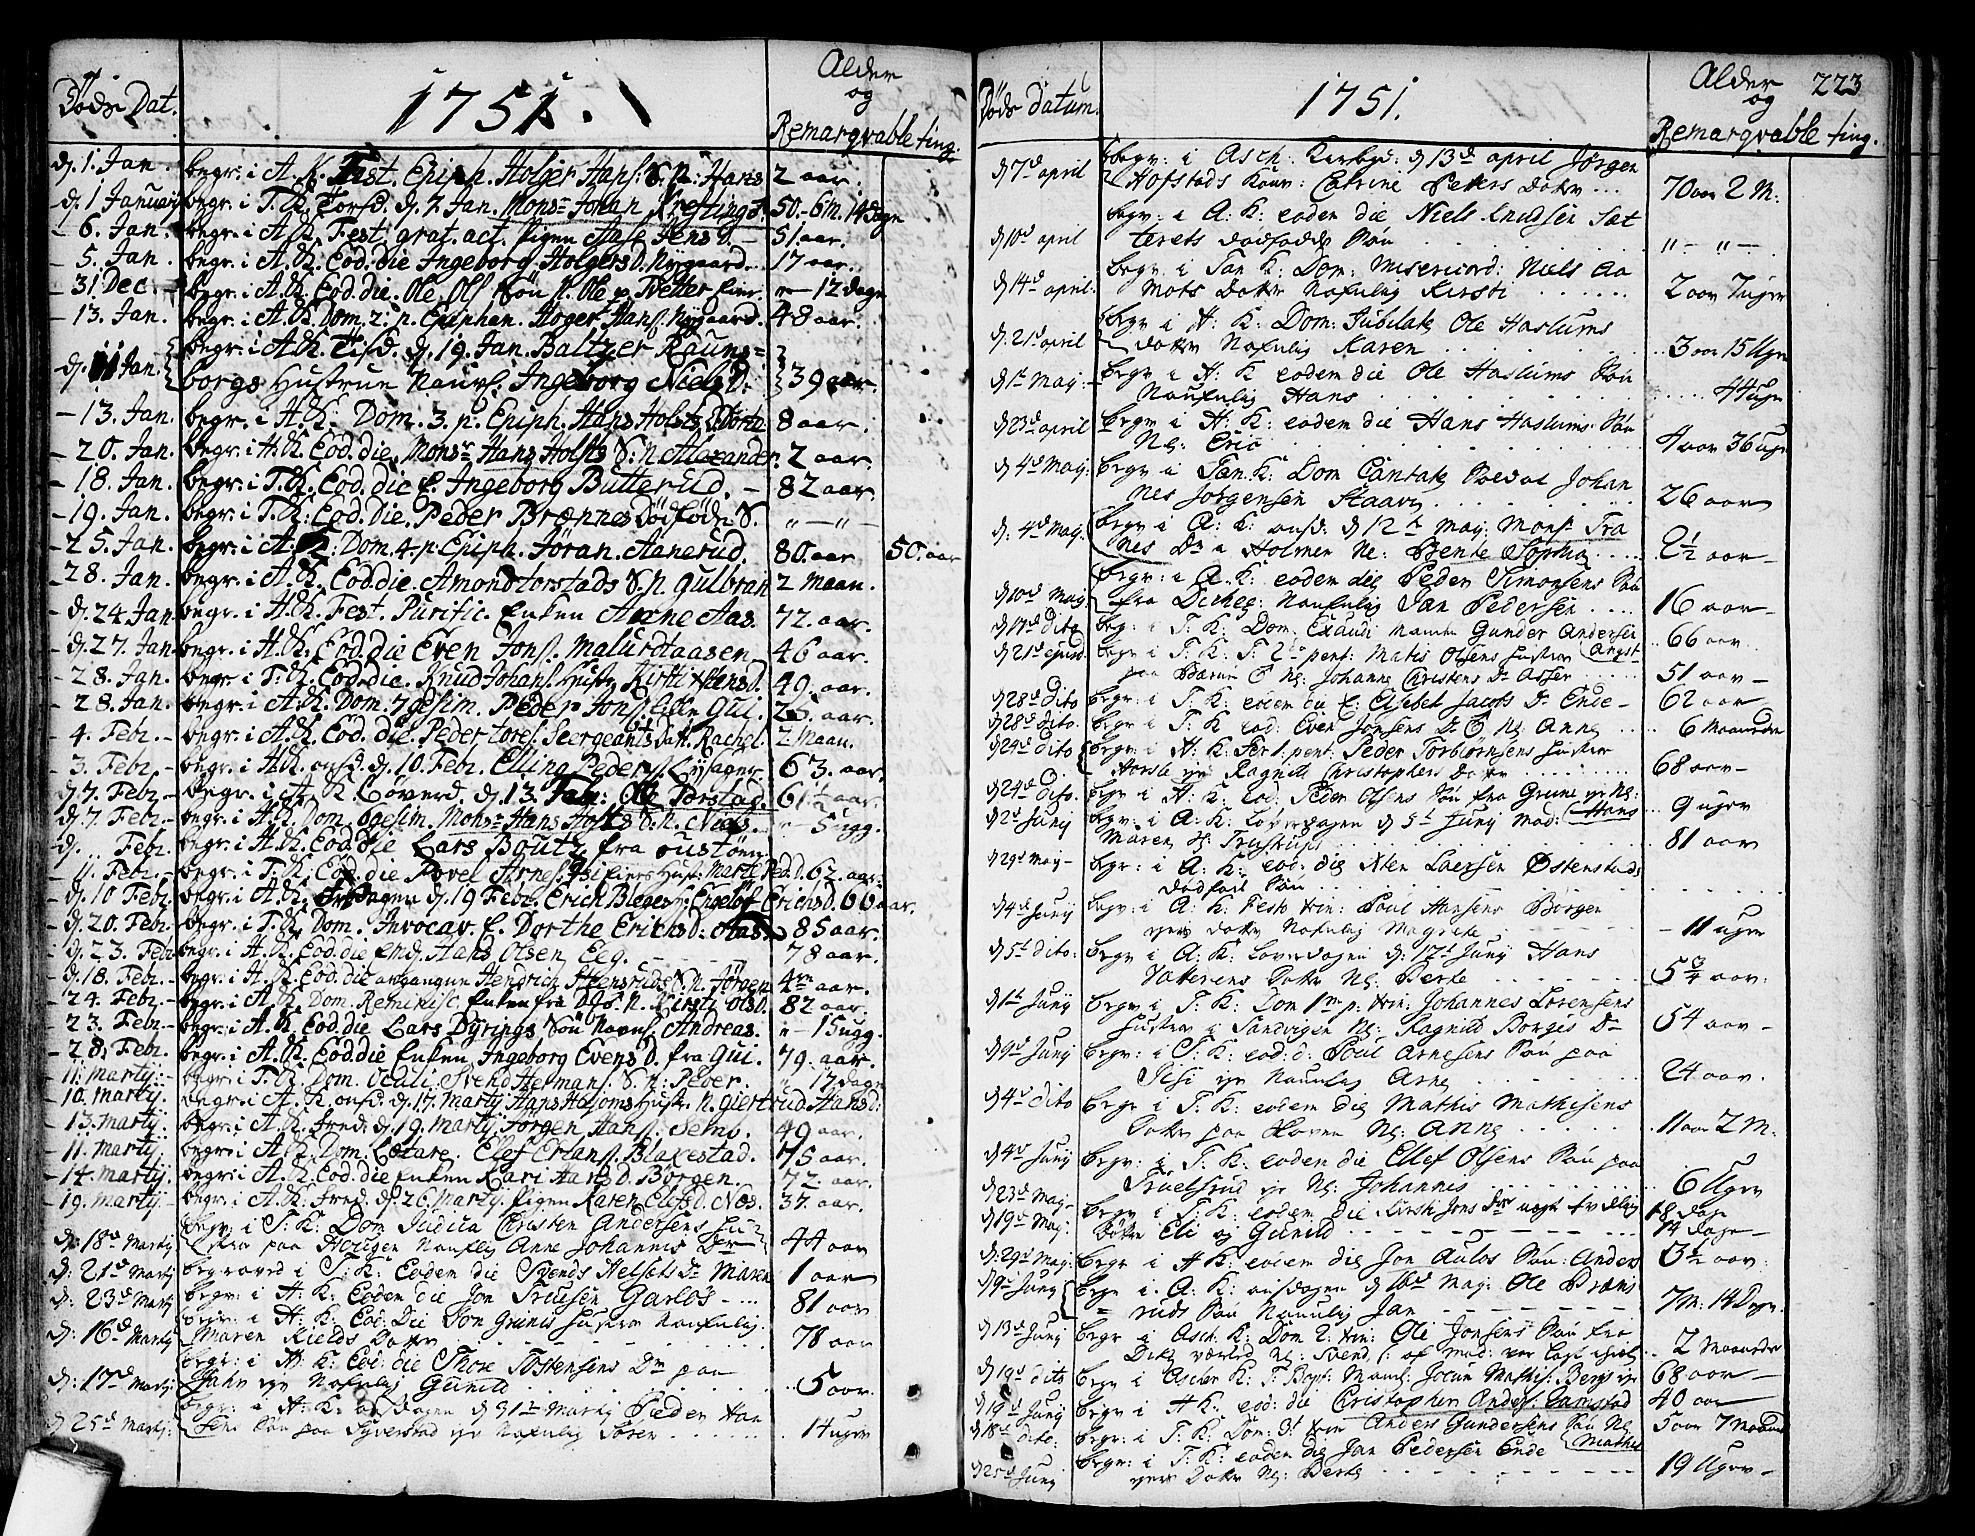 SAO, Asker prestekontor Kirkebøker, F/Fa/L0002: Ministerialbok nr. I 2, 1733-1766, s. 223